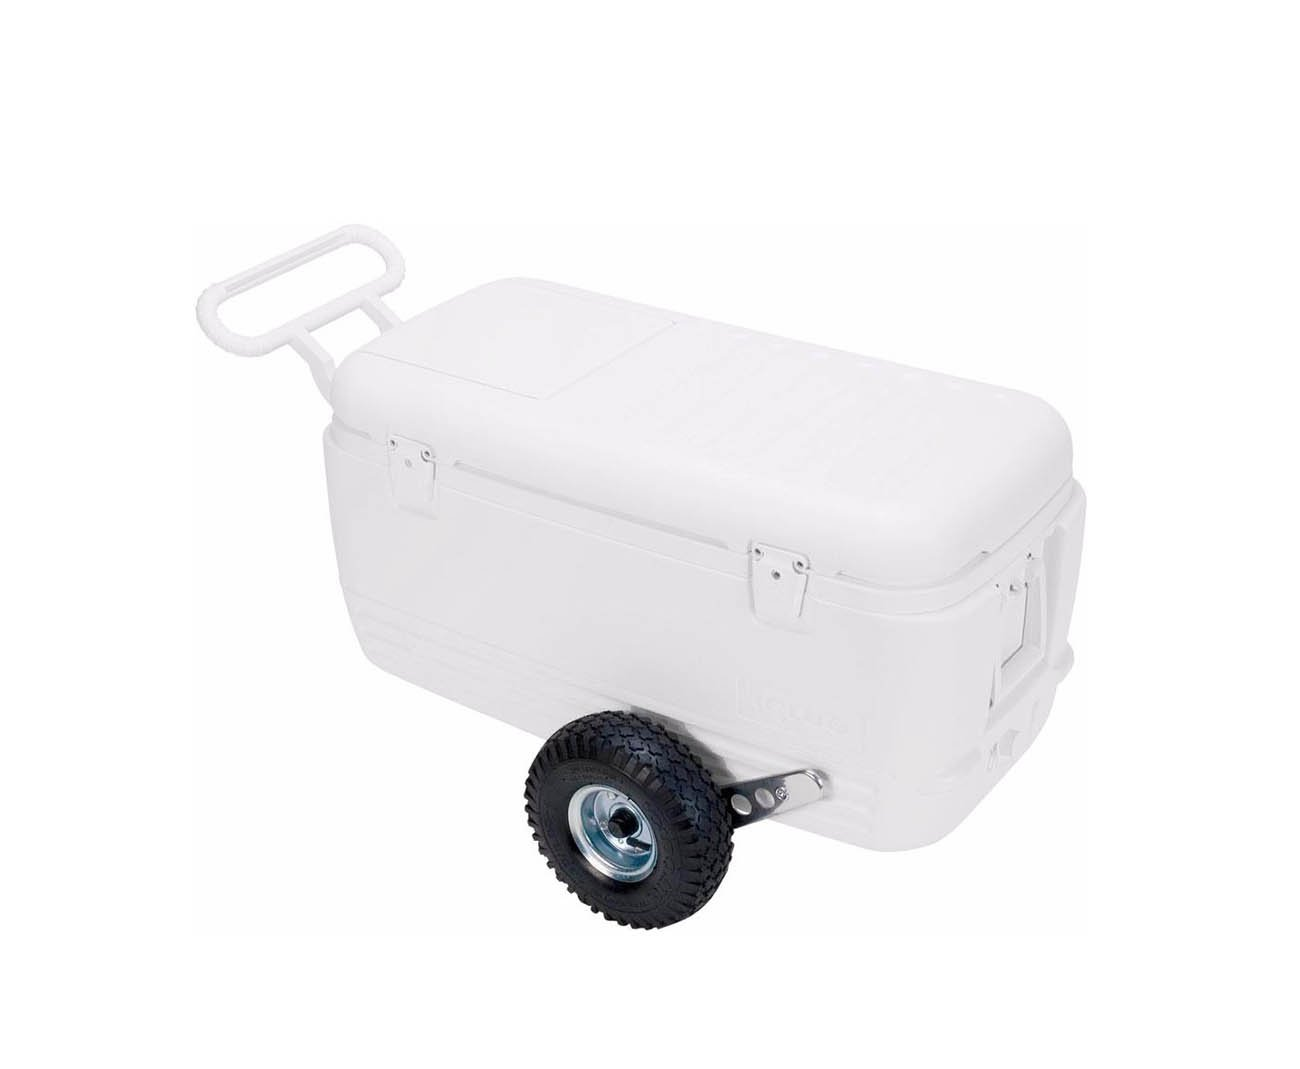 Caixa Termica All Terrain Cooler 120 Qt Branco - Igloo